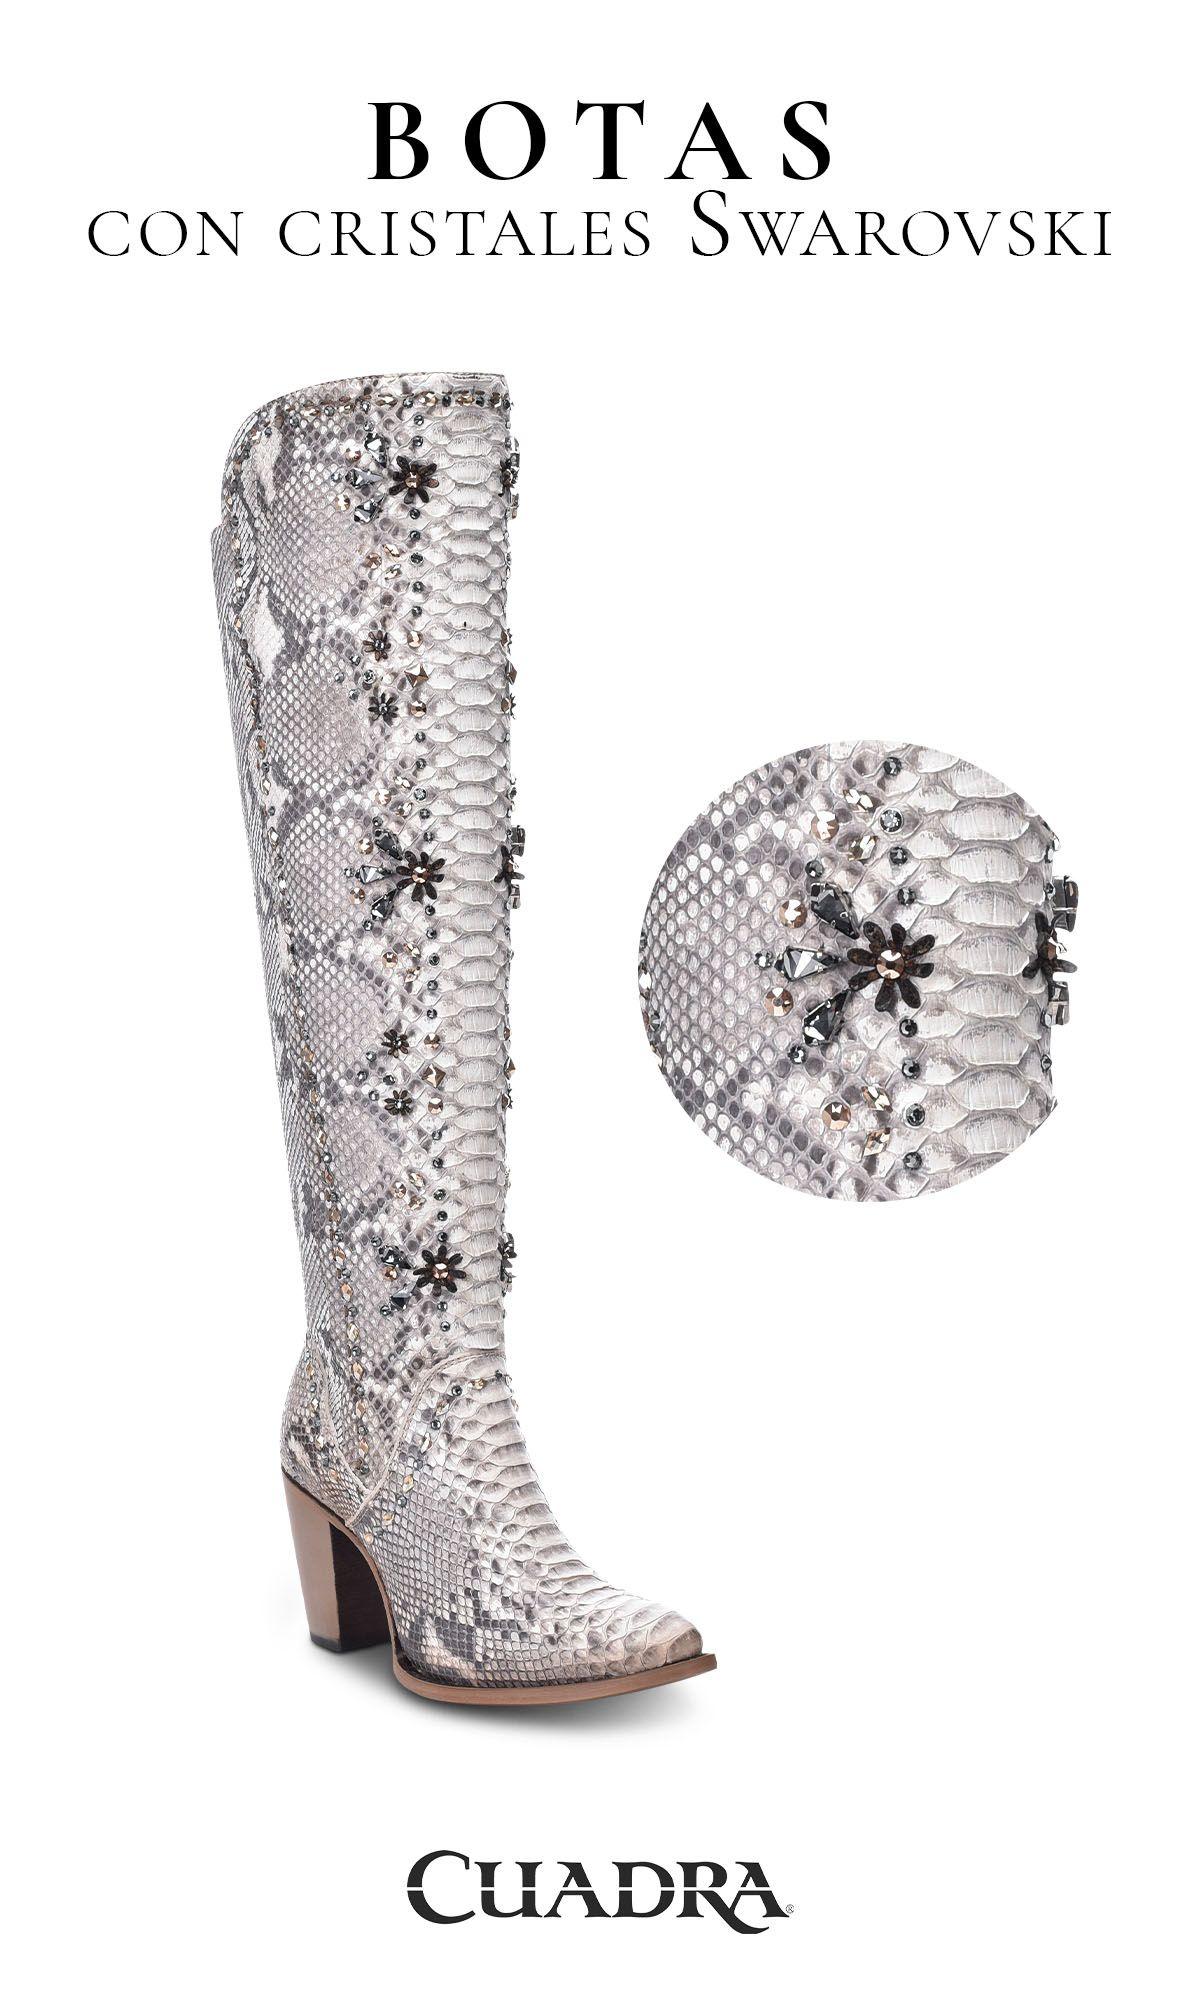 Botas con cristales en 2020 Zapatos de lujo, Botas